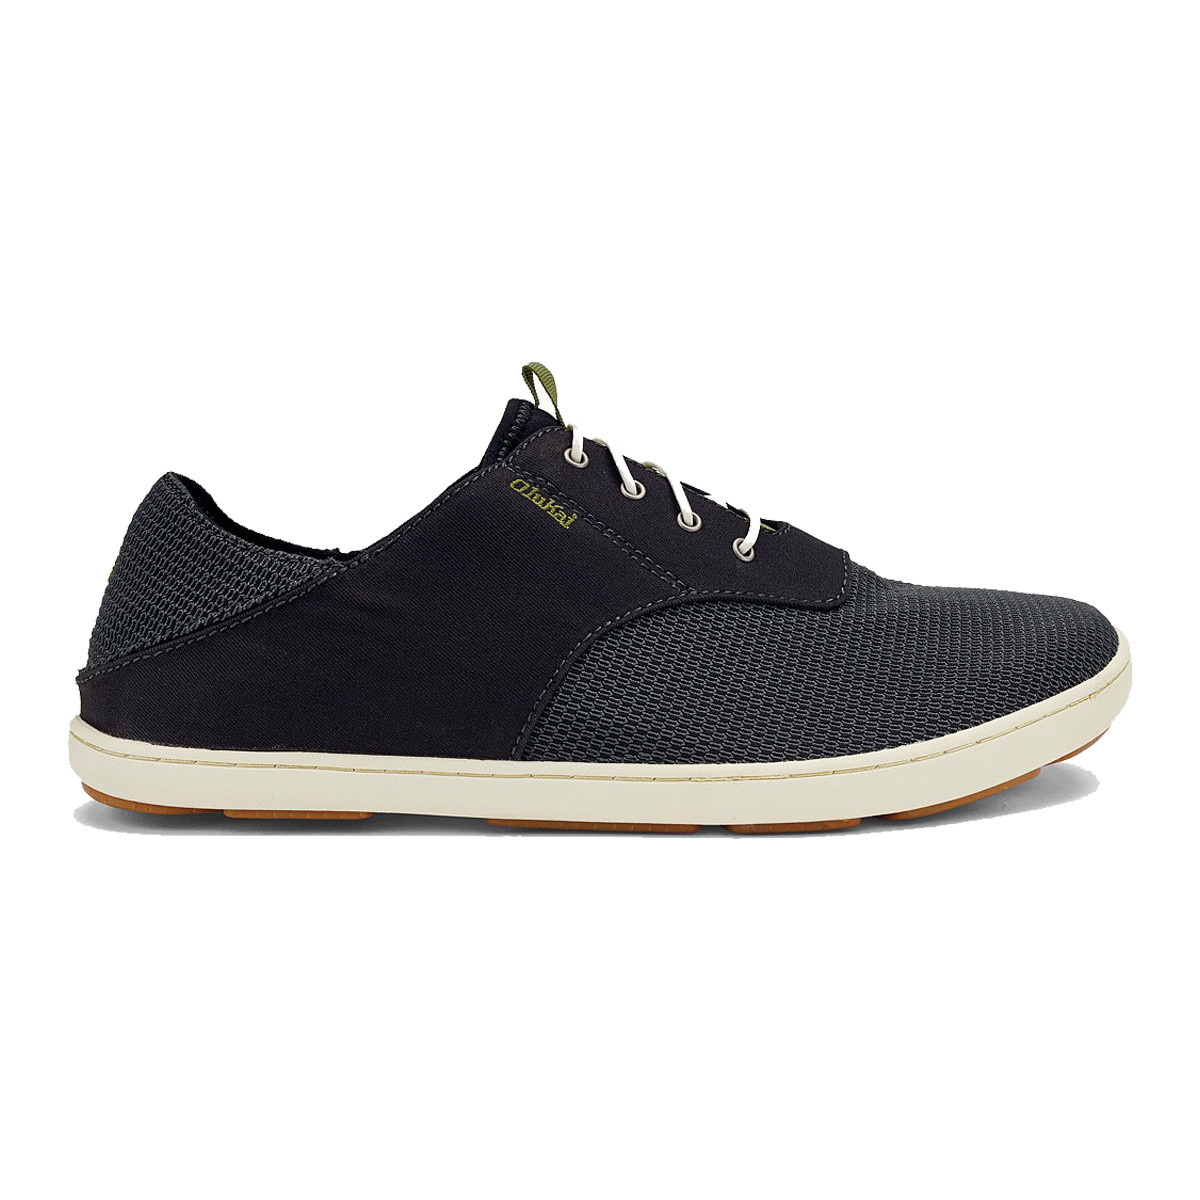 OluKai OluKai Men's Nohea Moku Sneaker Black